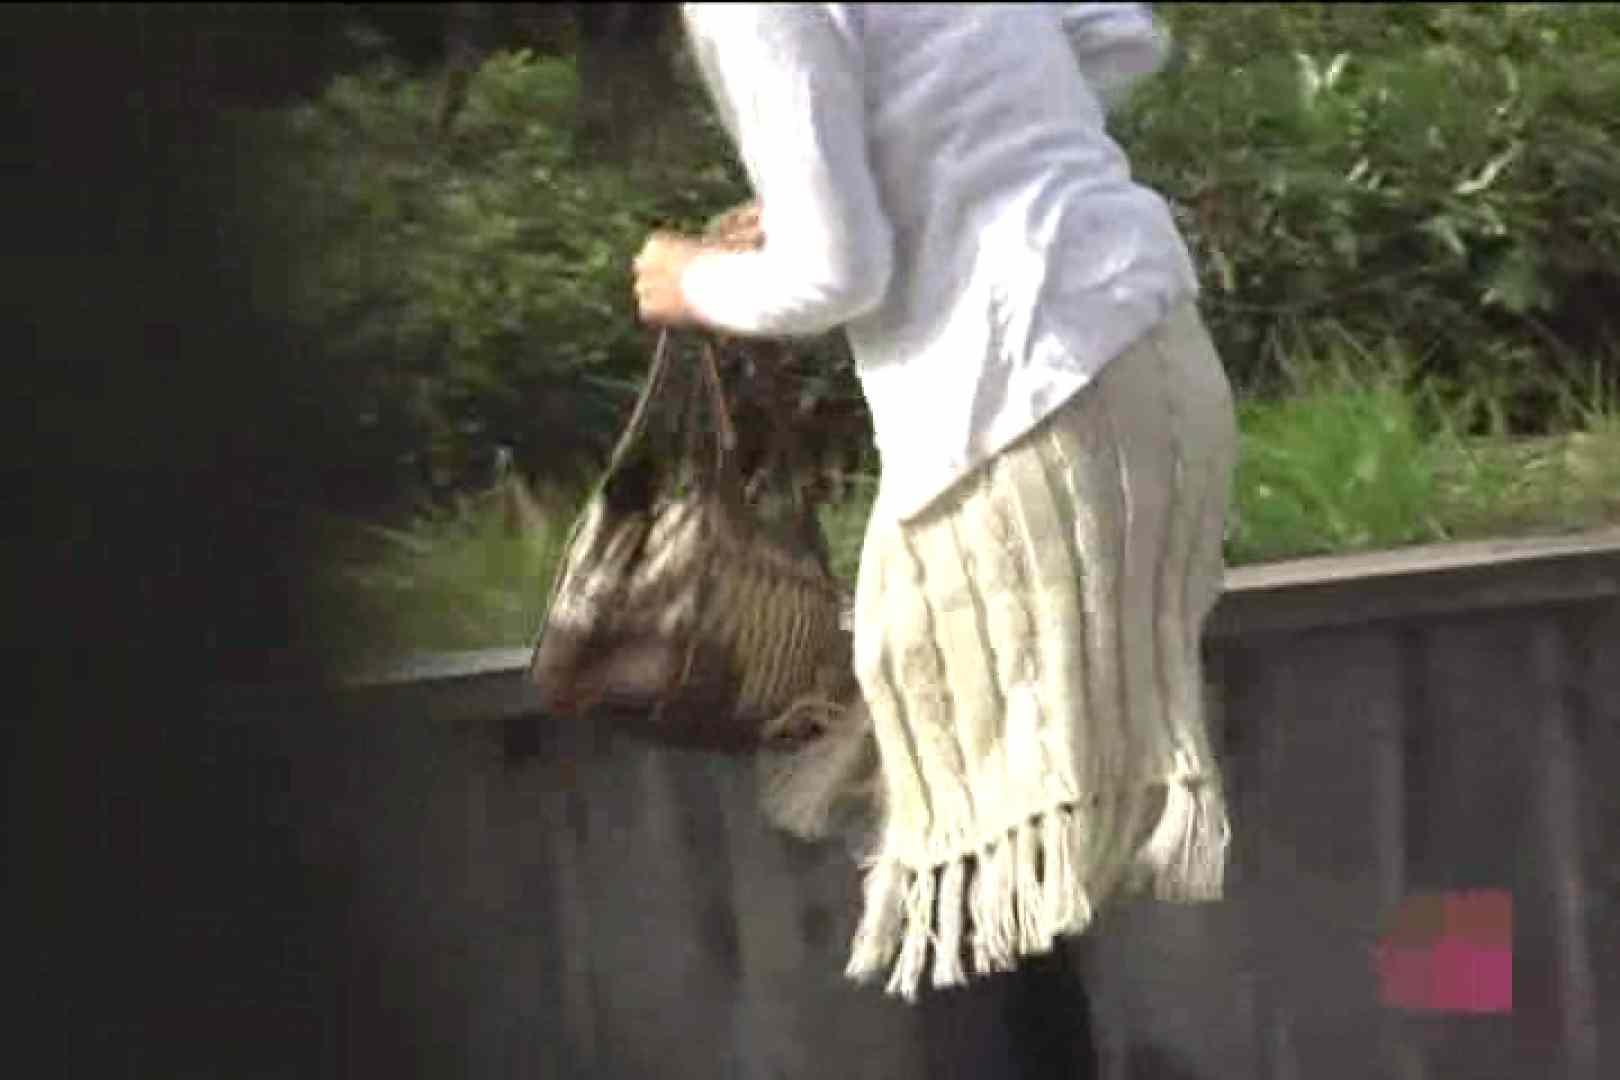 検証!隠し撮りスカートめくり!!Vol.9 ワルノリ オマンコ動画キャプチャ 69画像 44